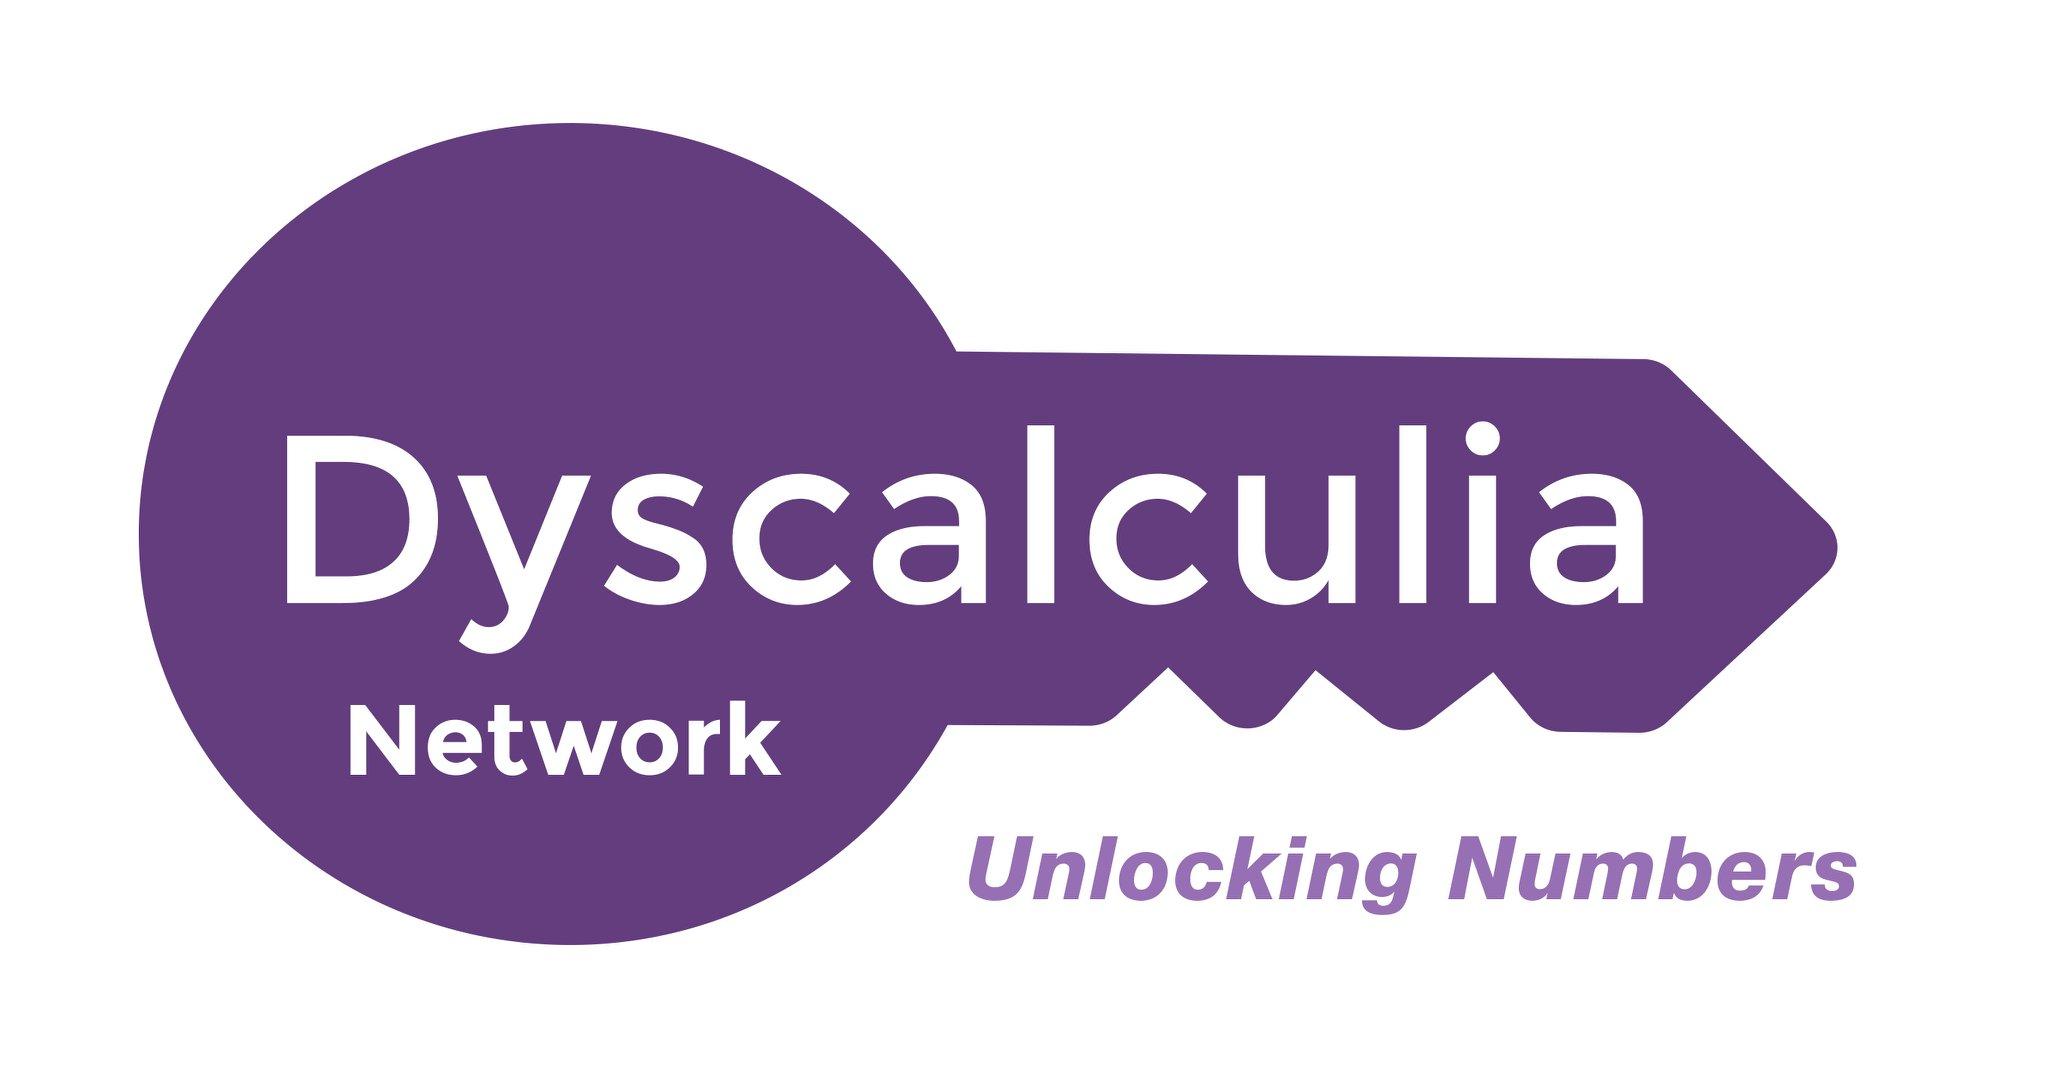 Dyscalculia Network logo